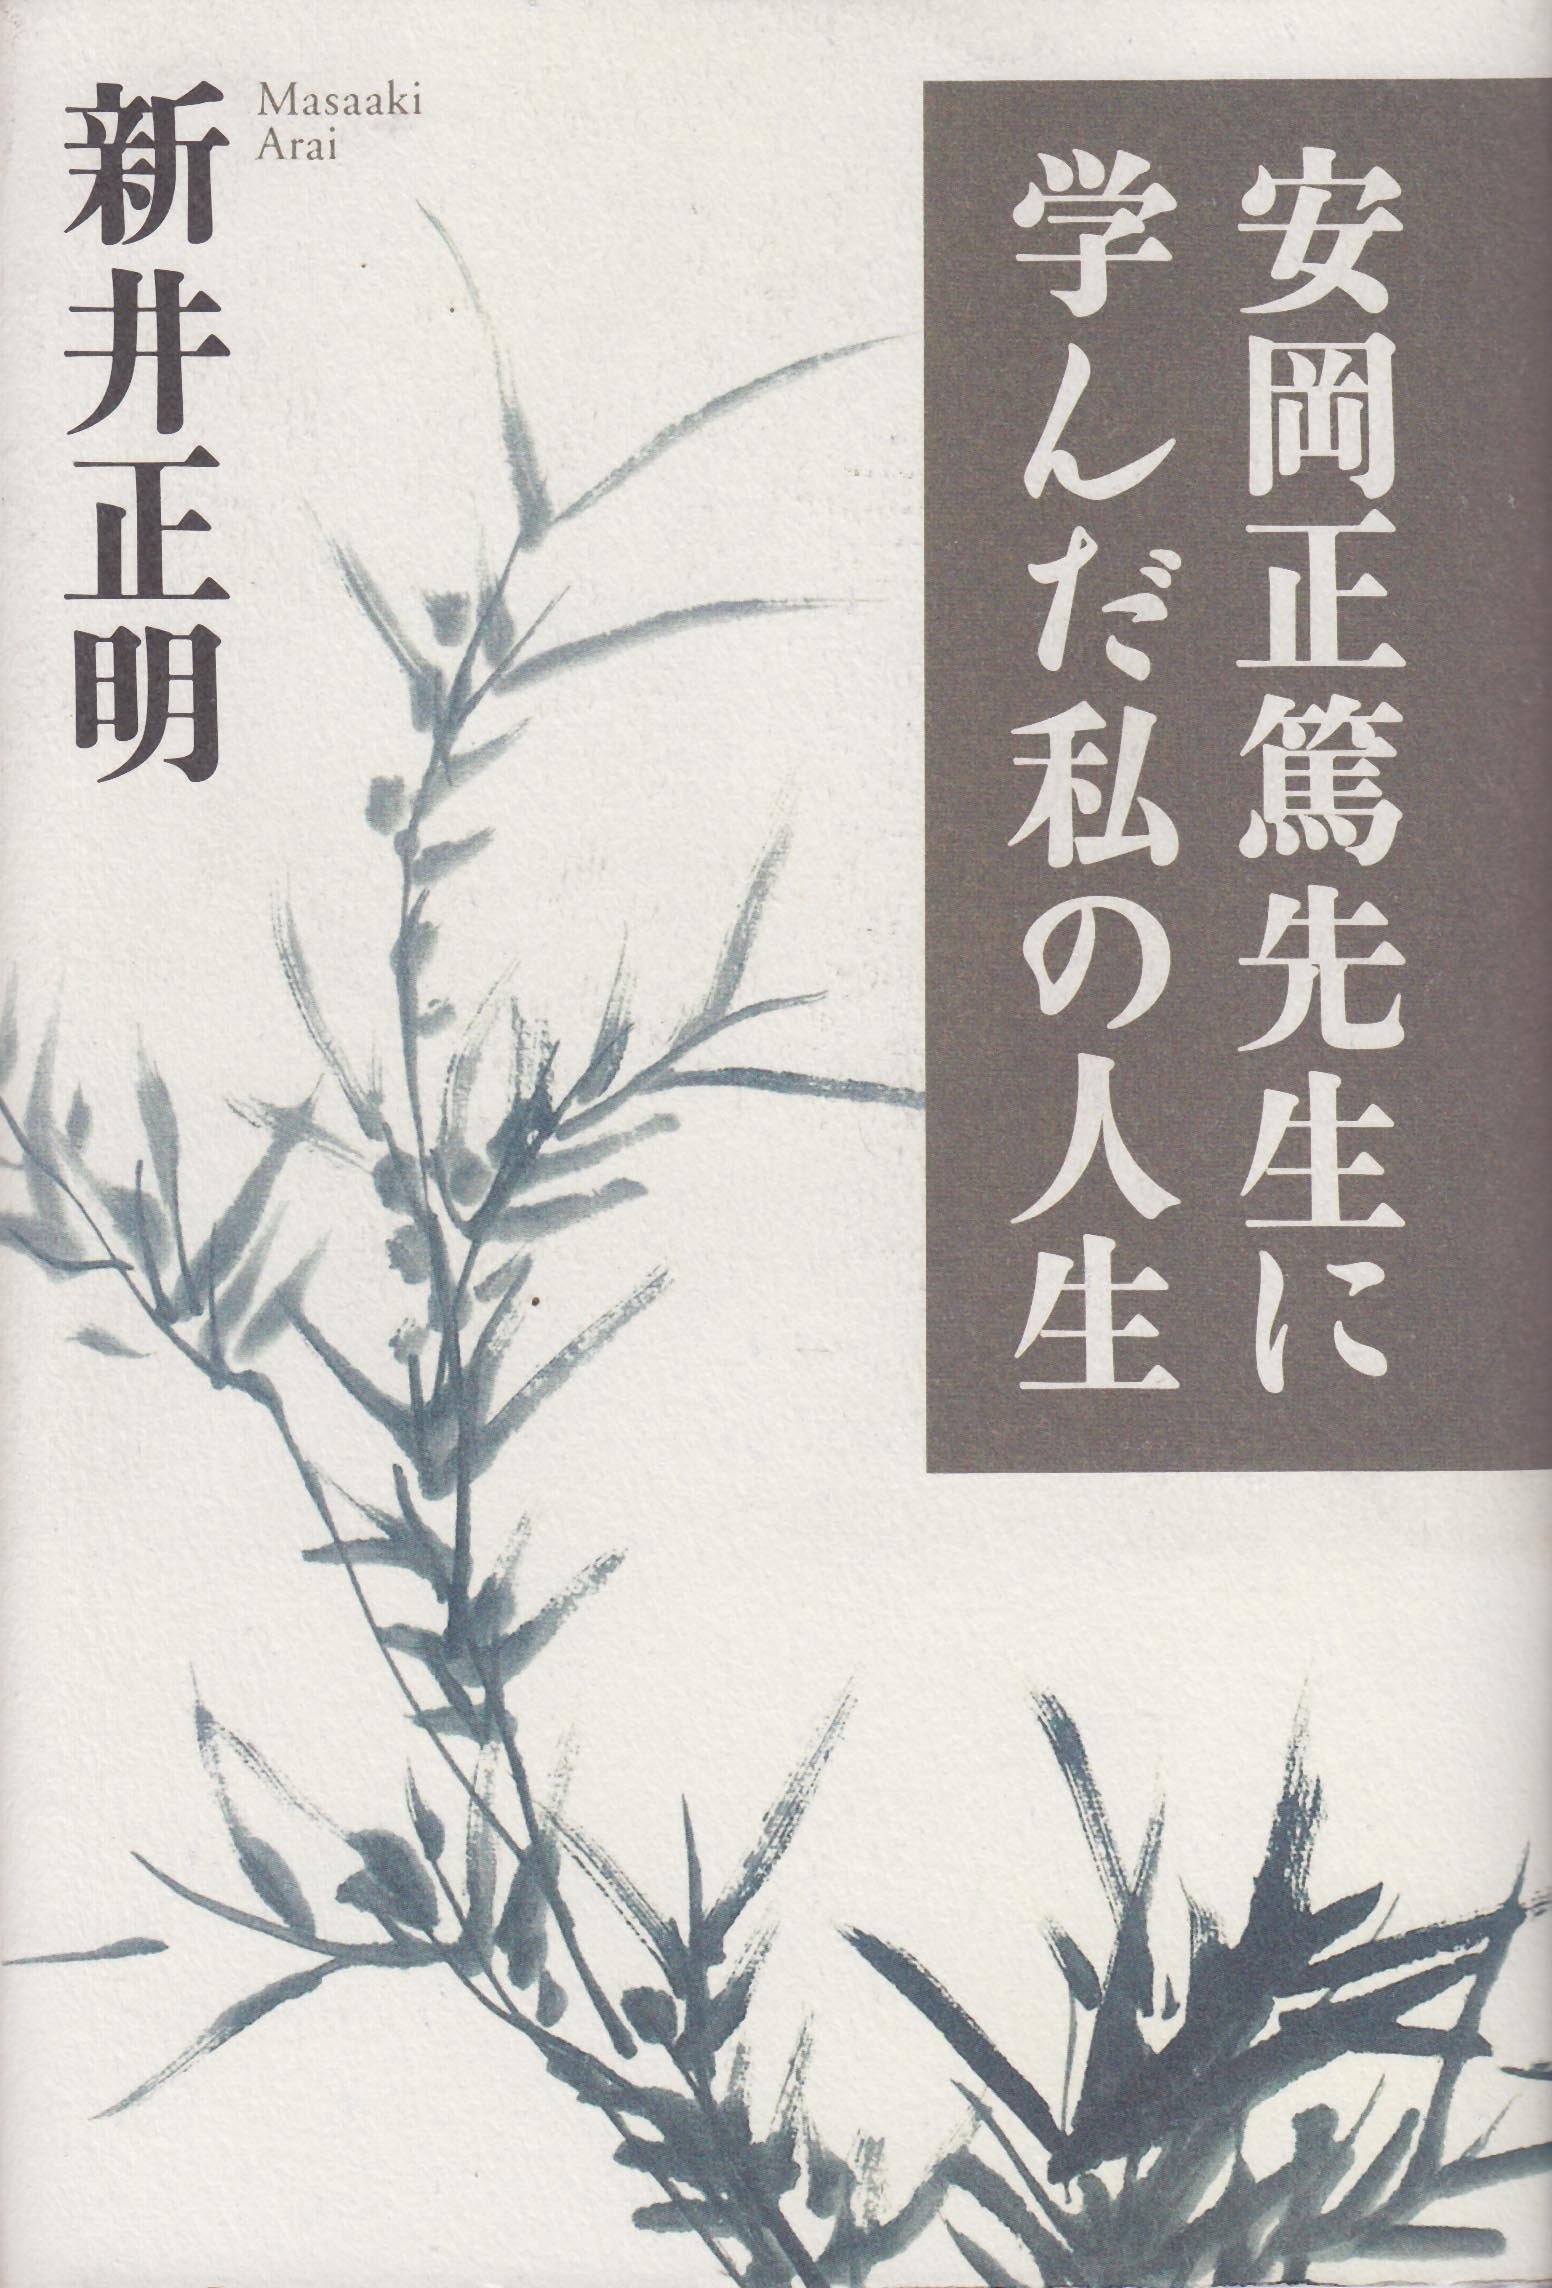 安岡正篤先生に学んだ私の人生 新井正明